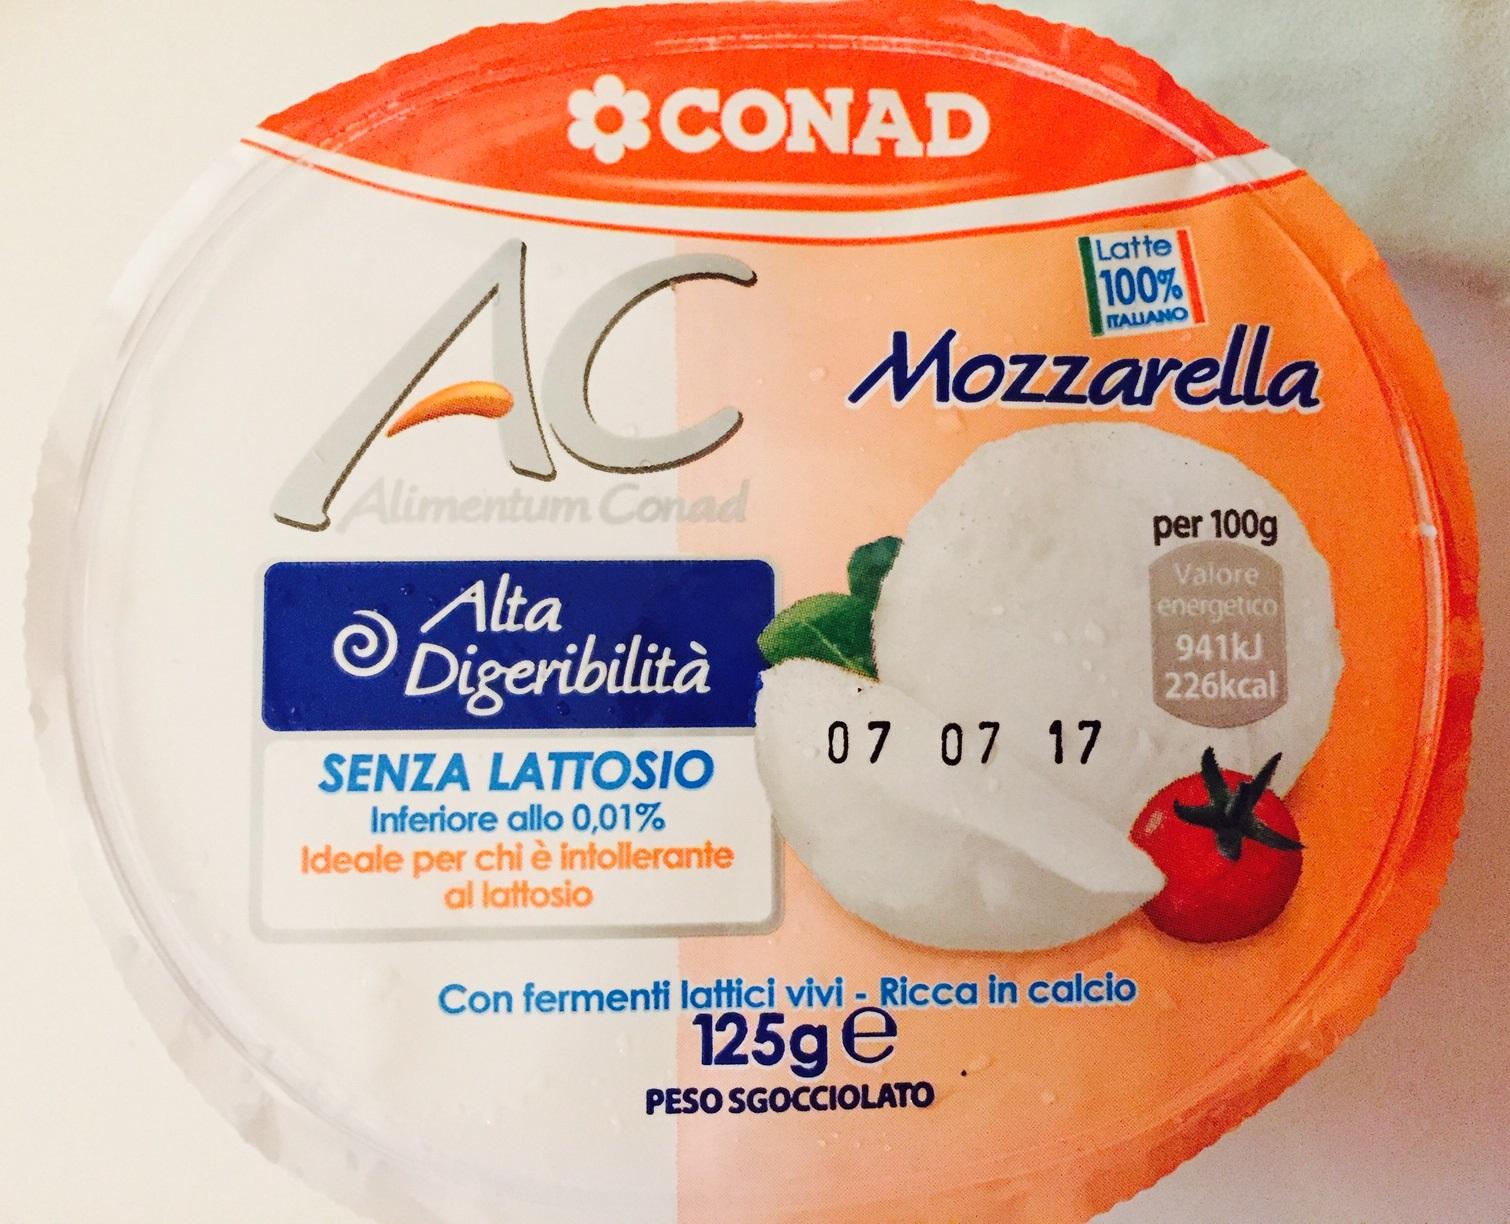 Mozzarella Conad - lattosio <0,01 Image